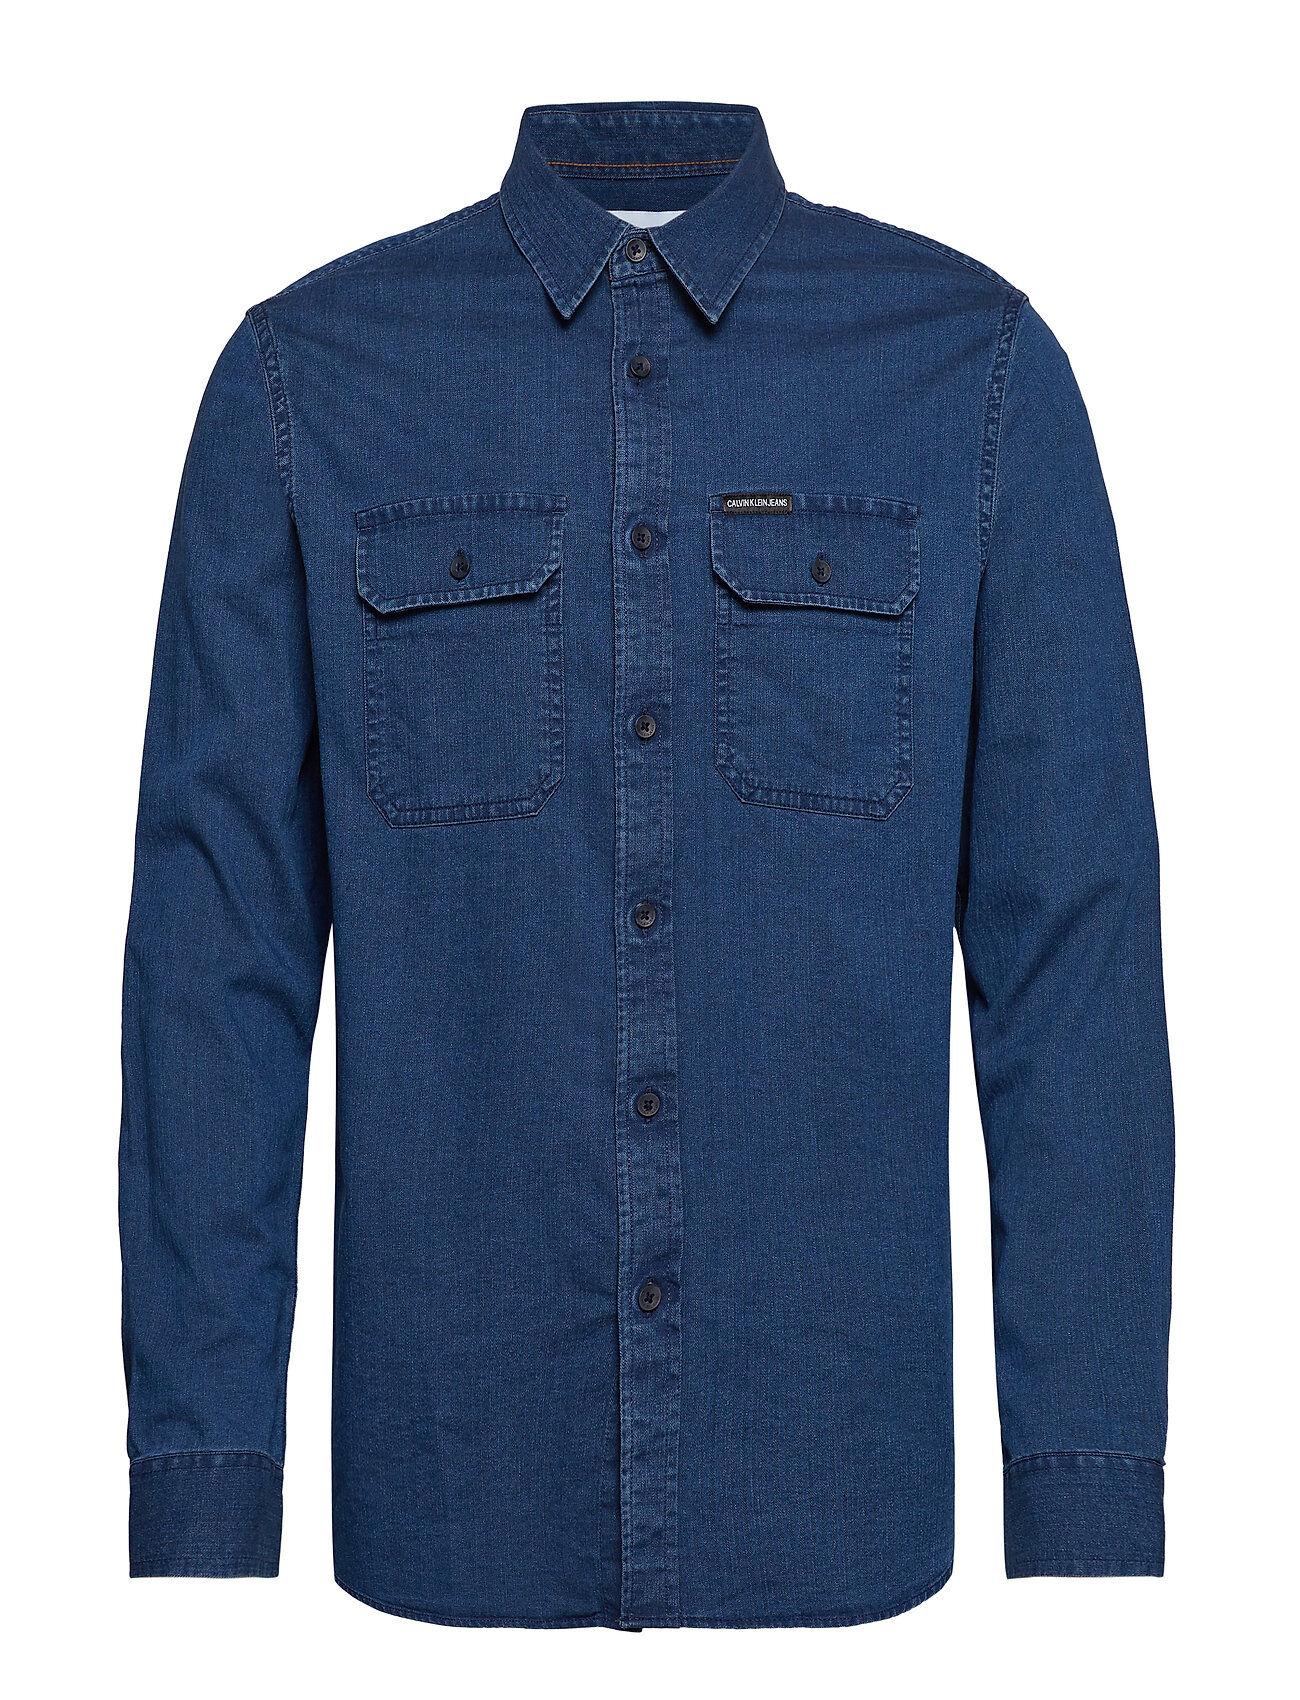 Image of Calvin Herrigb Ls Shirt, Paita Rento Casual Sininen